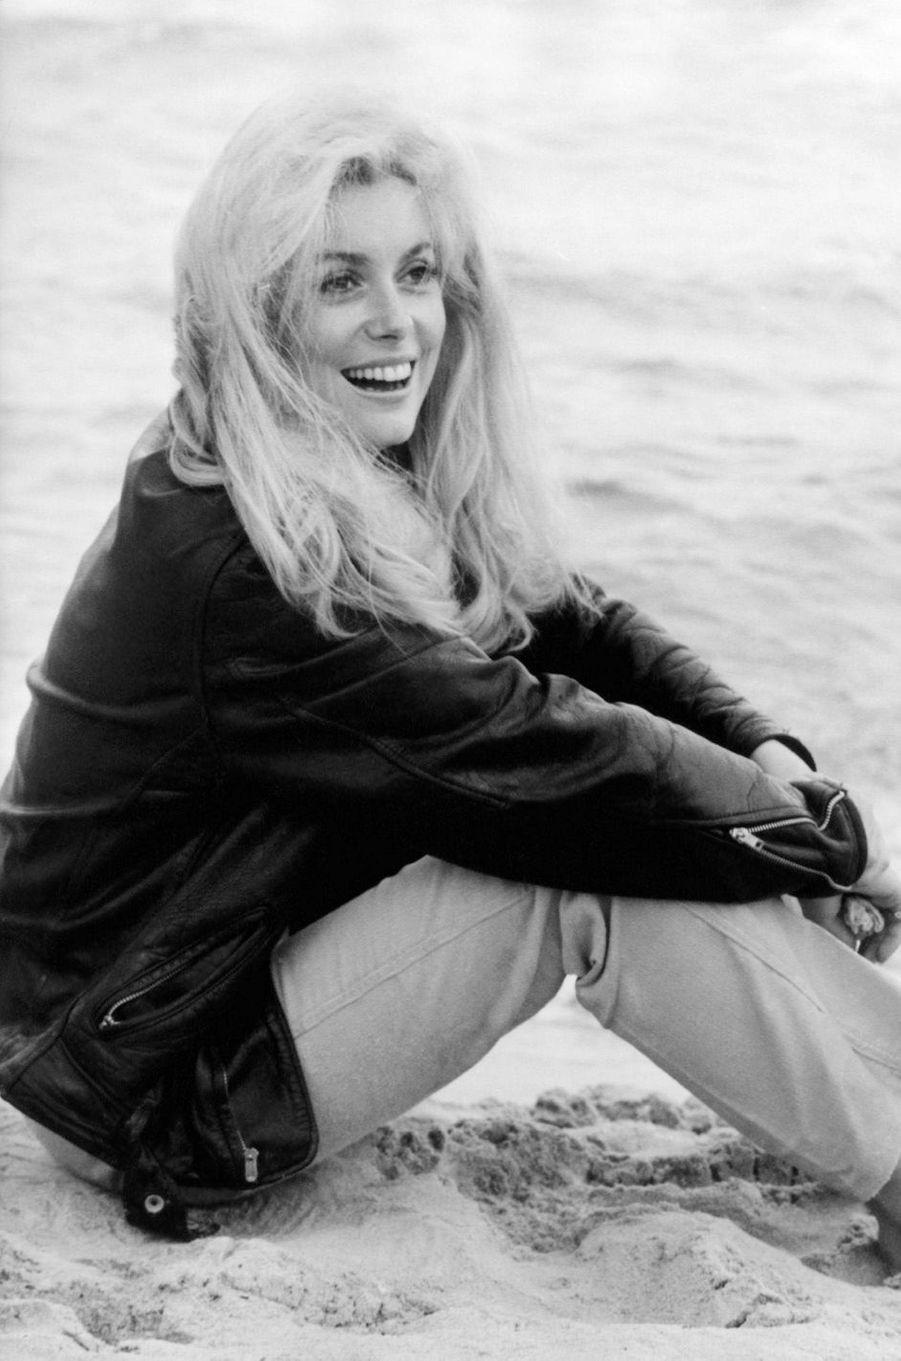 Catherine Deneuve dans les années 60.